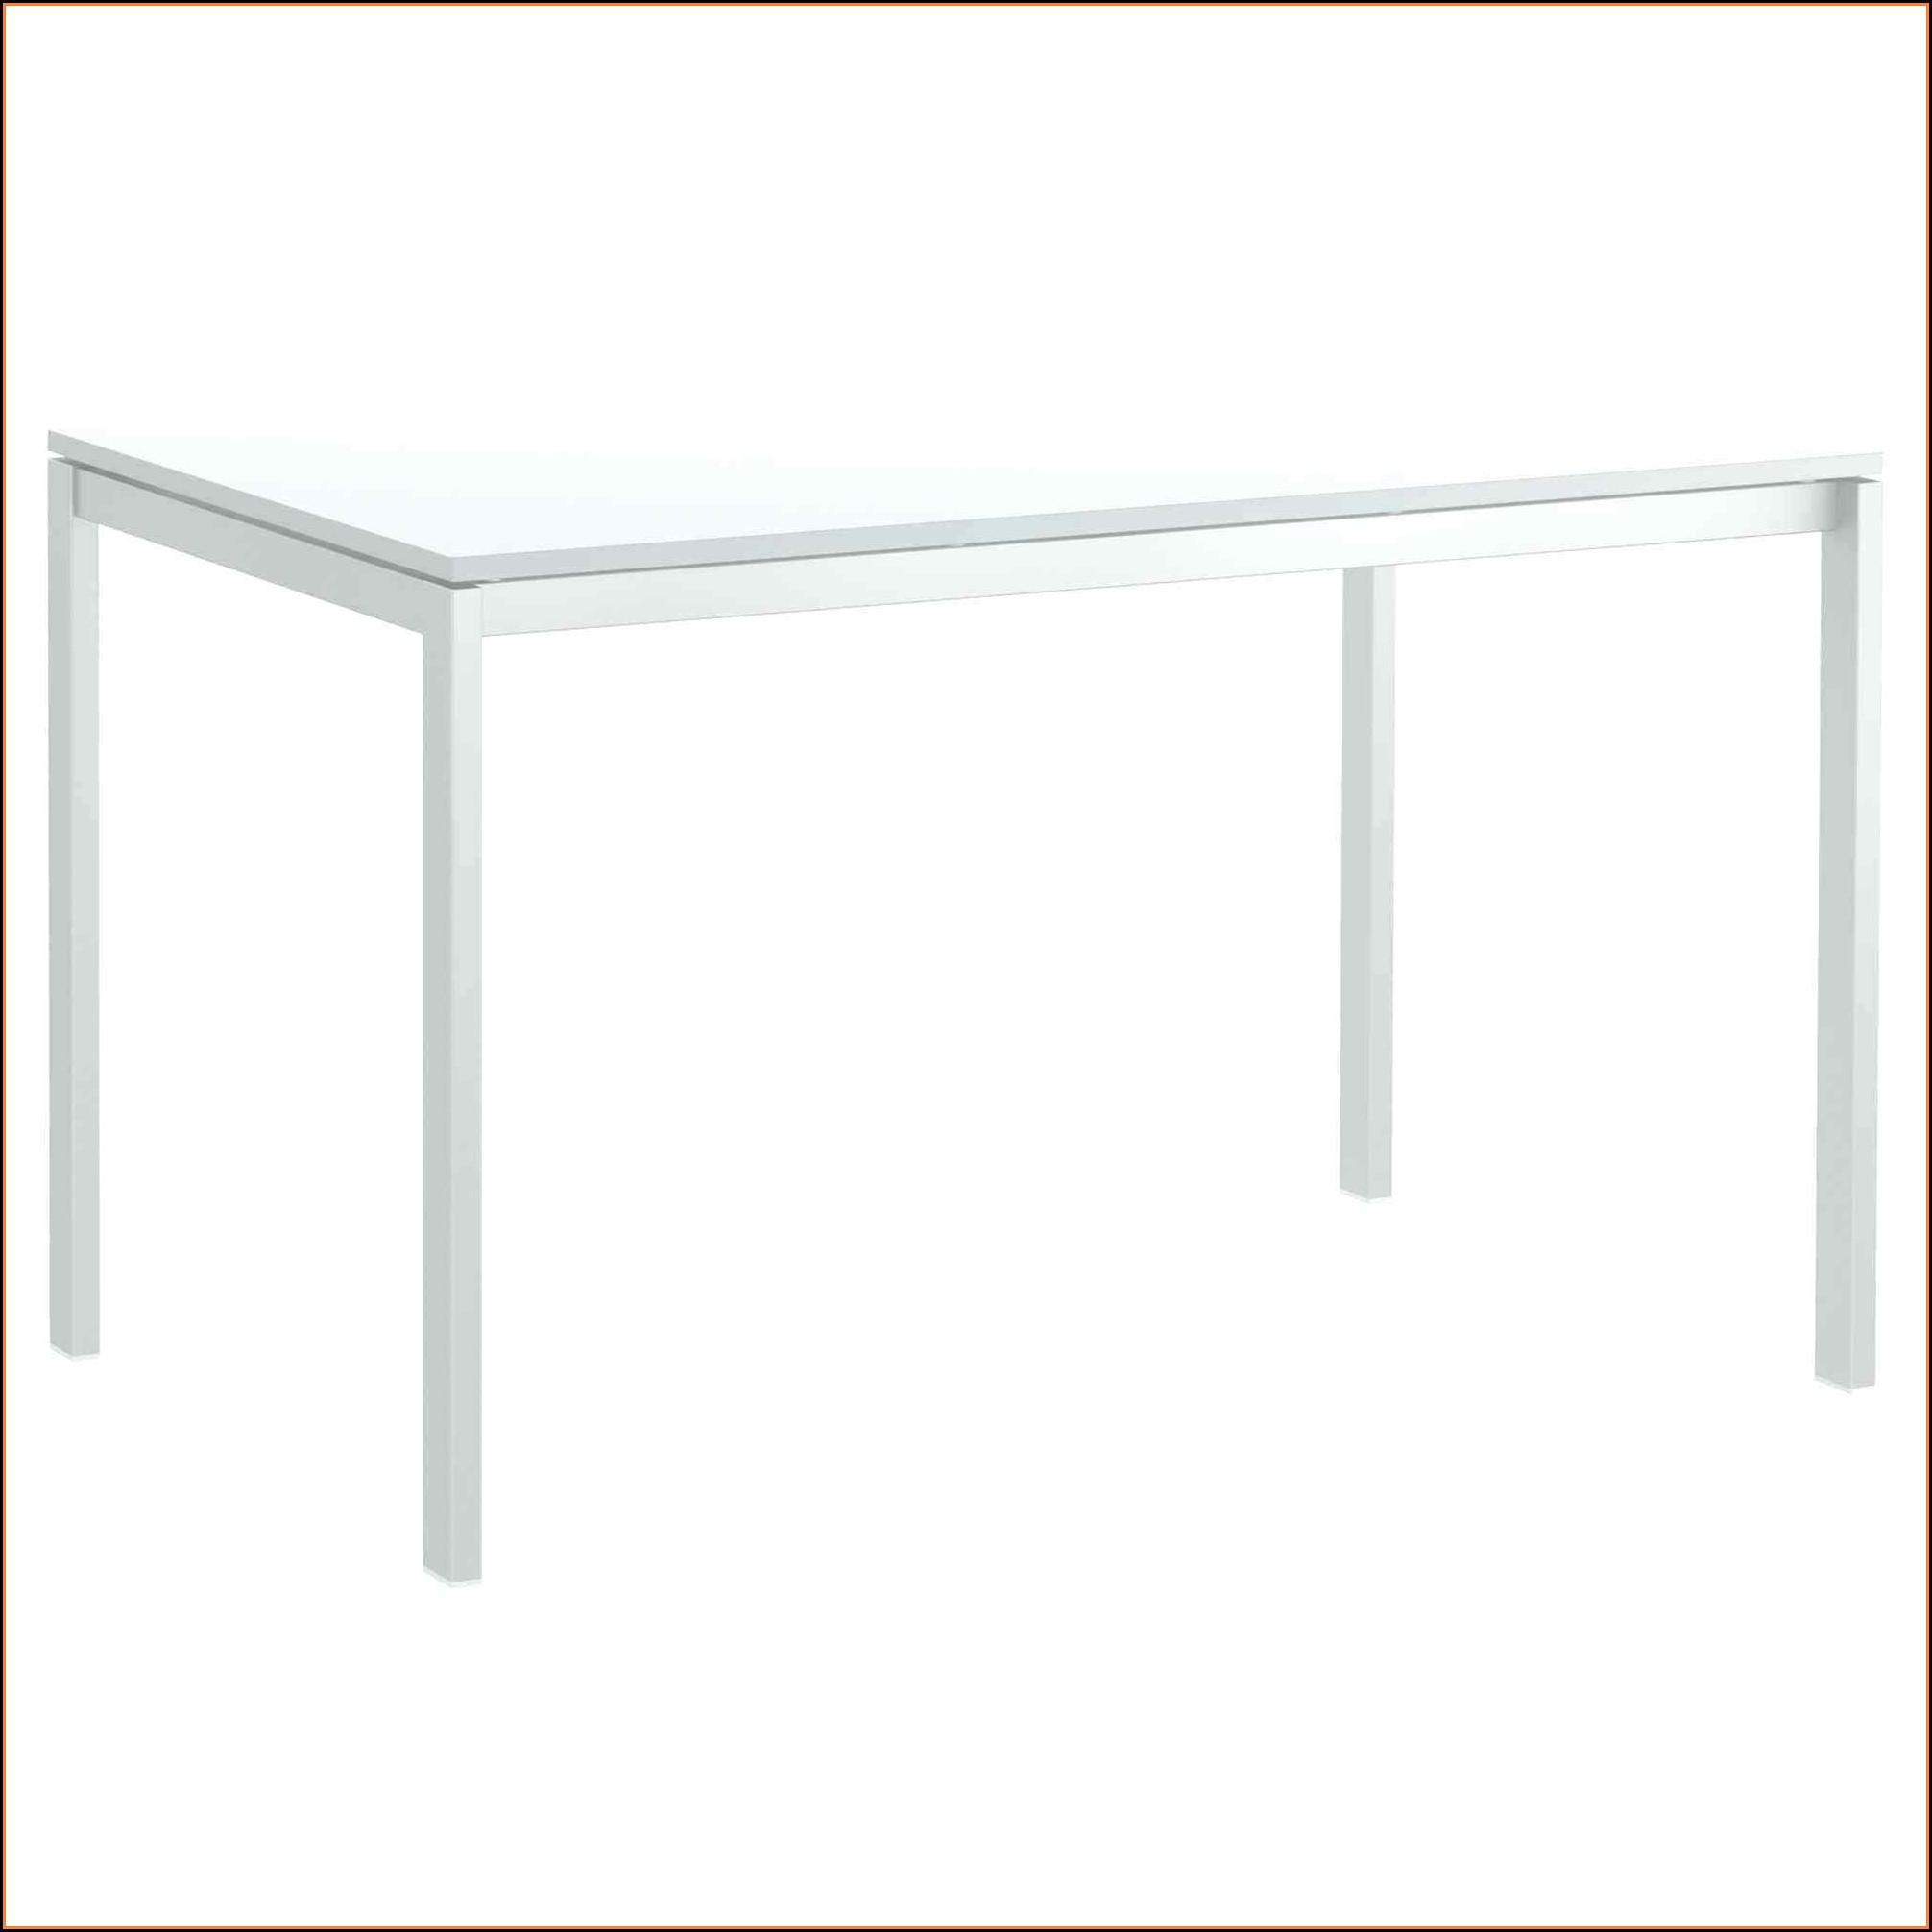 Esstisch Ikea Bjursta